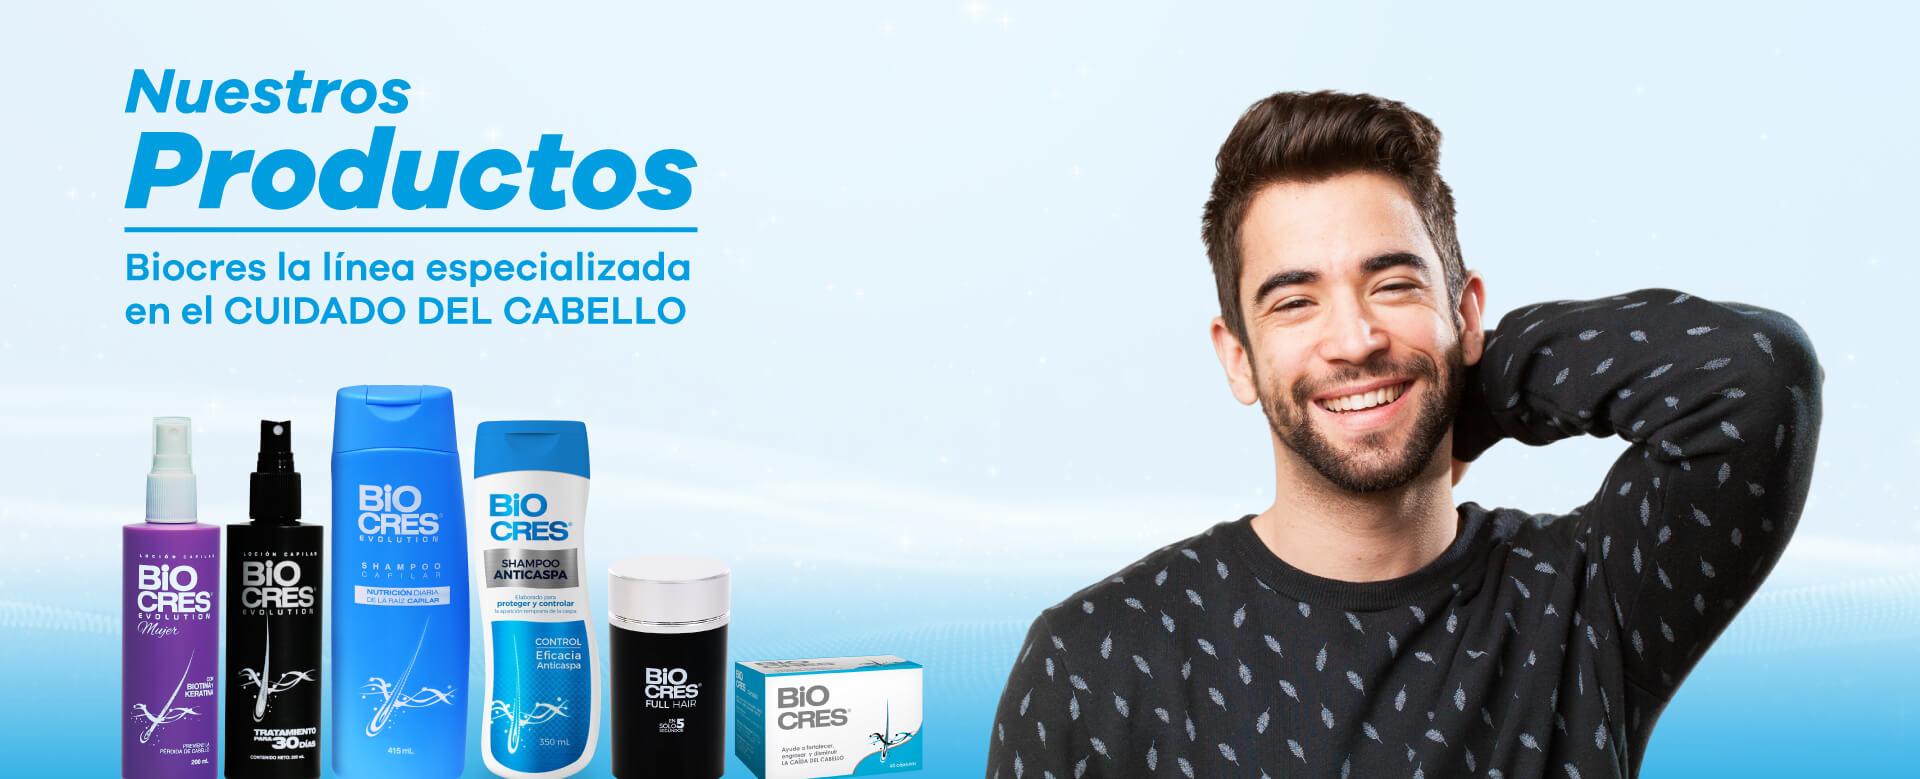 Biocres Productos